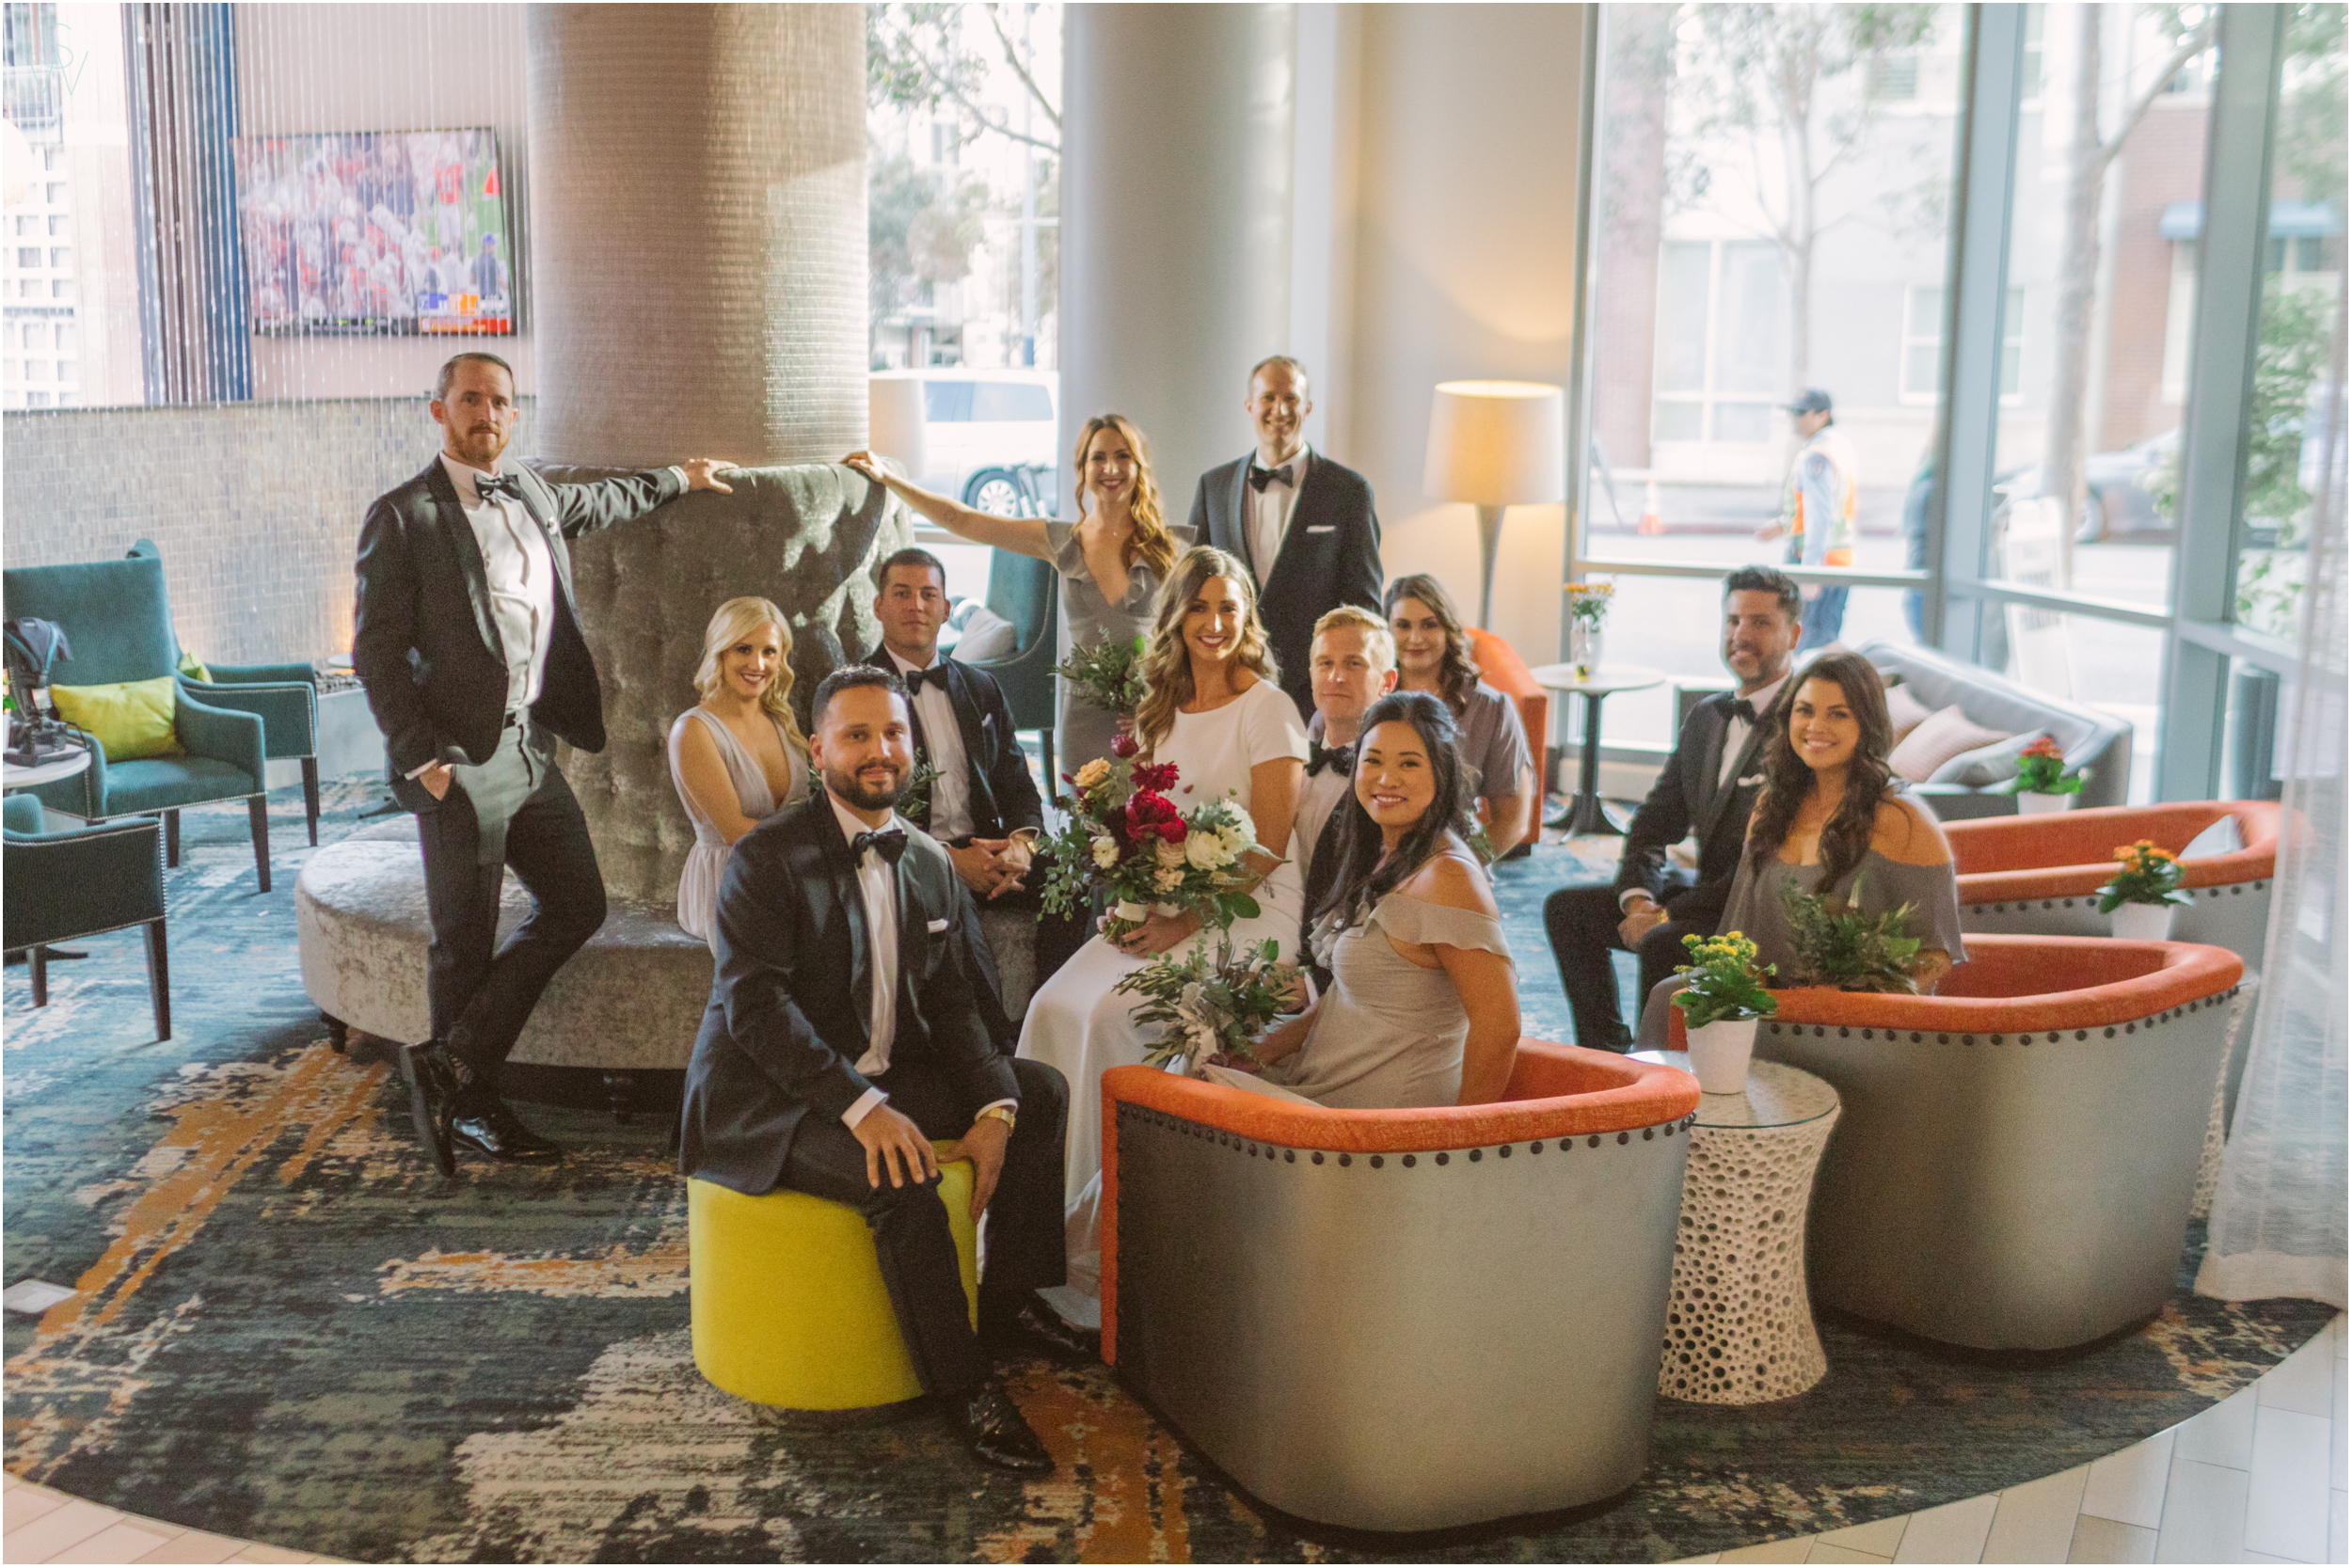 141THE.UNDERGROUND.ELEPHANT.wedding.photography.shewanders.JPG